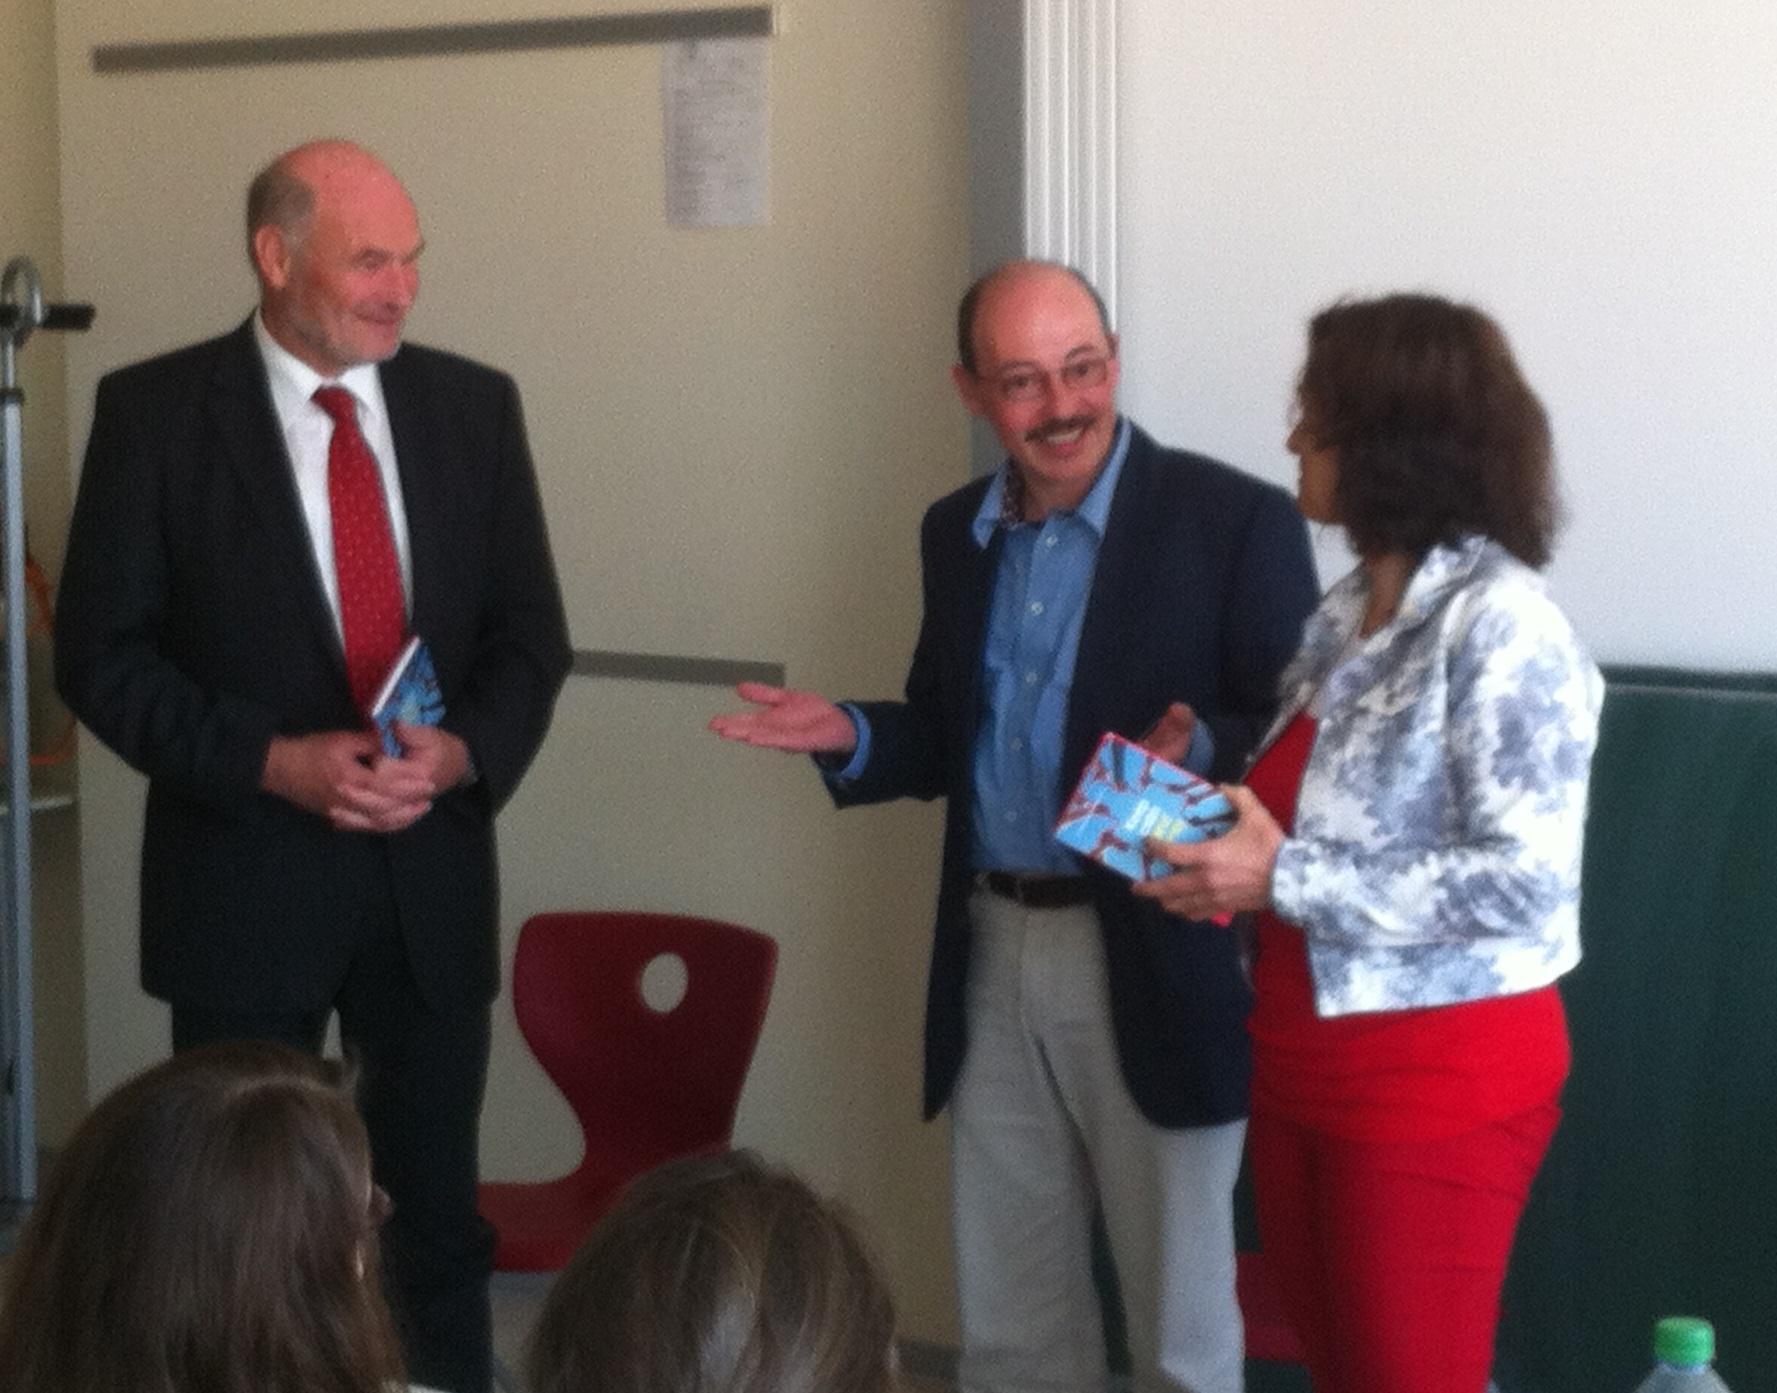 Kerstin Celina mit Eberhard Nuß (li.) und Harald Retsch